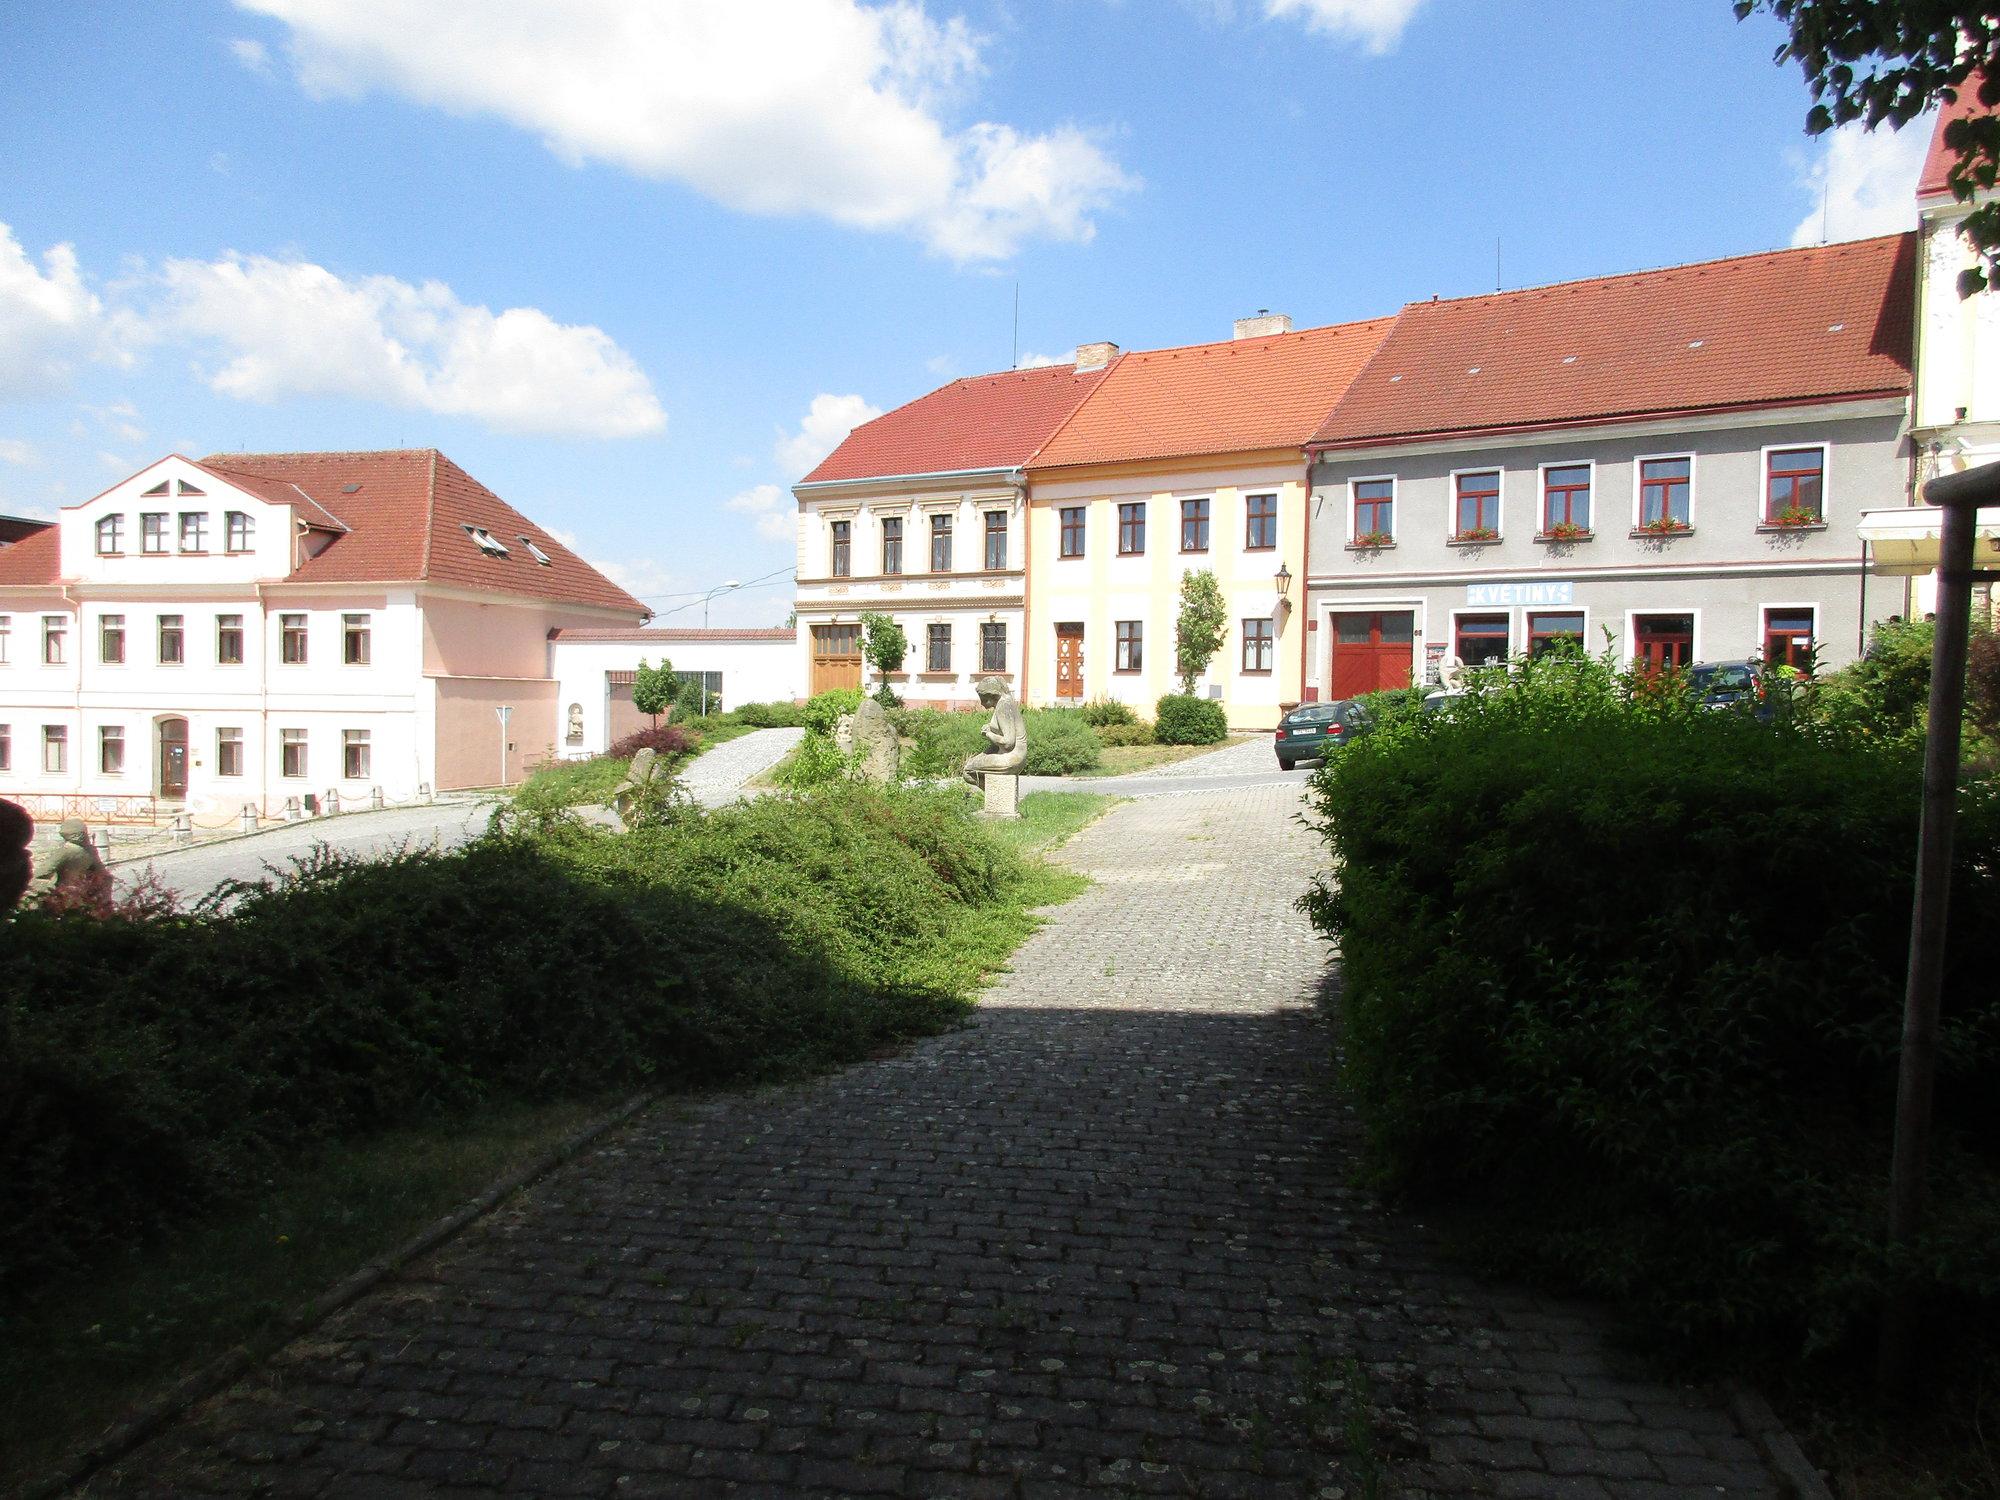 námestie Augustina Němejca